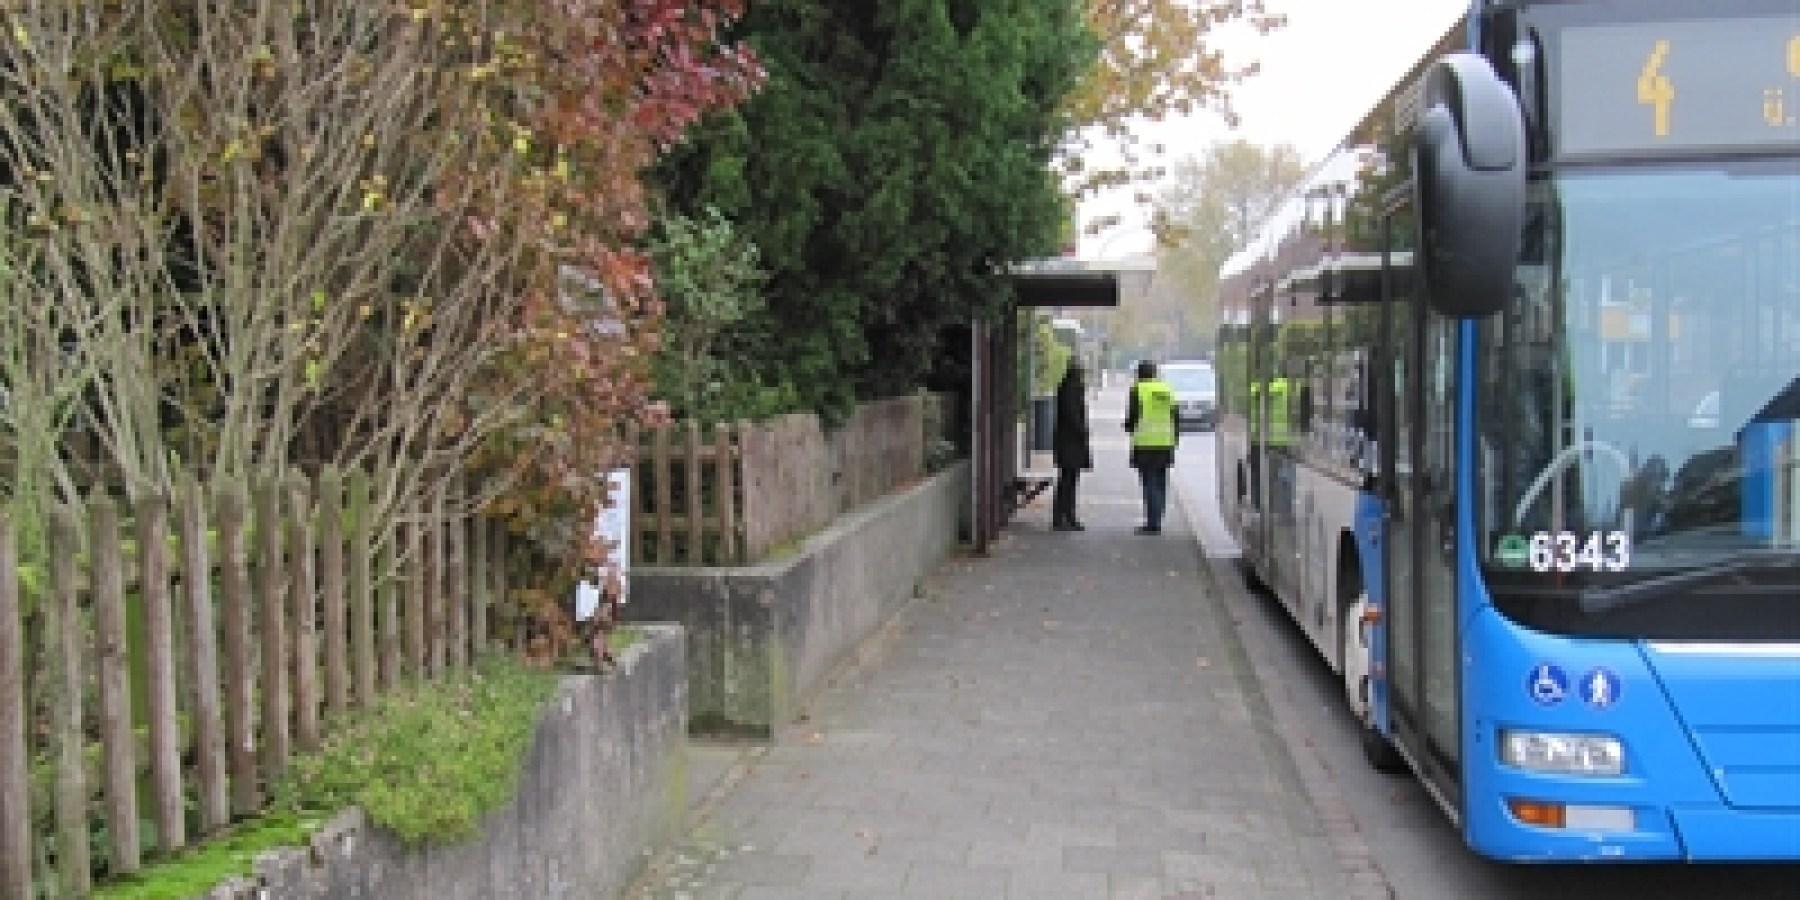 Haltestelle Gittruper Straße wird barrierefrei